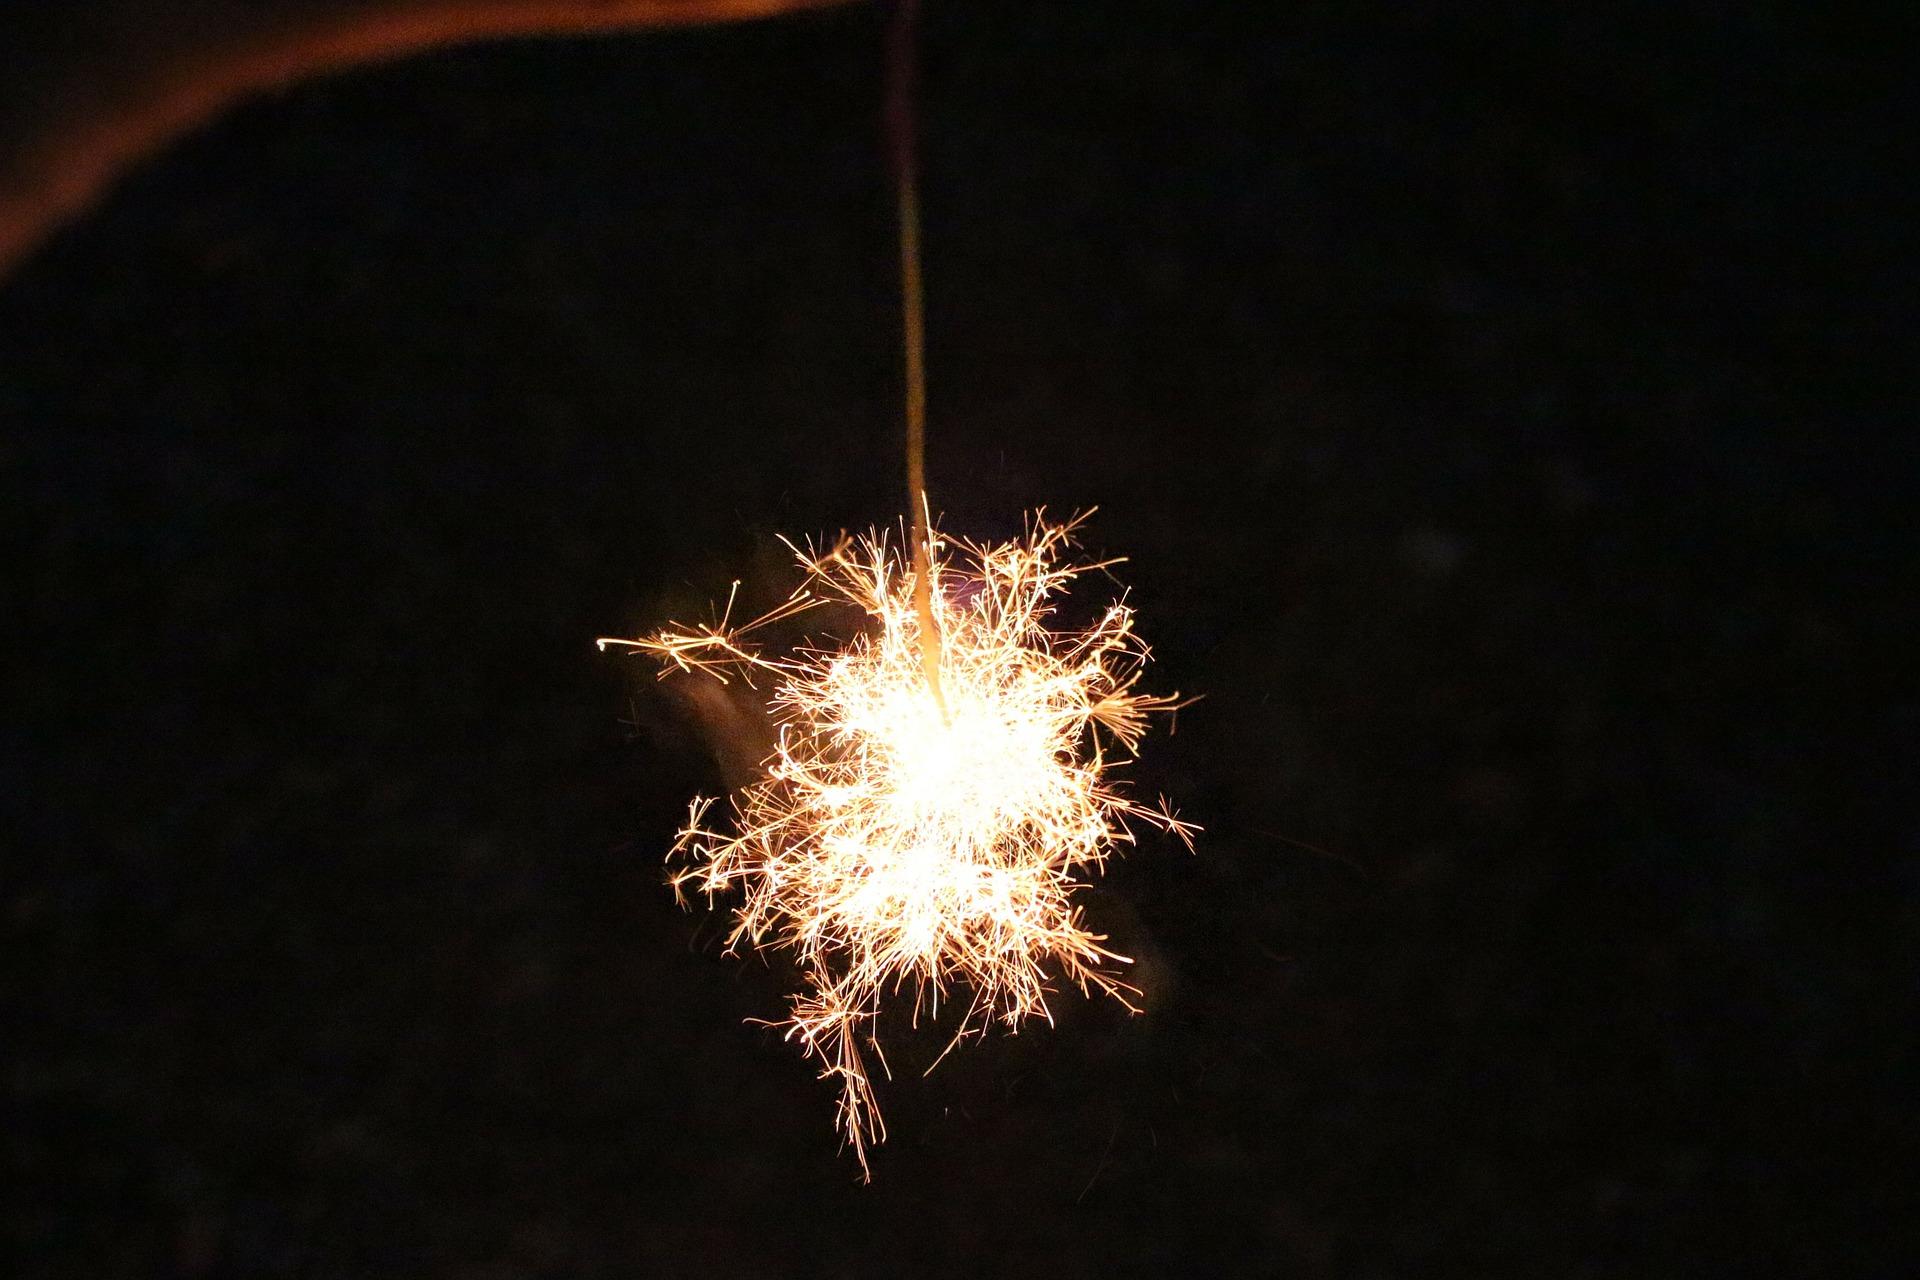 sparkler-183363_1920.jpg